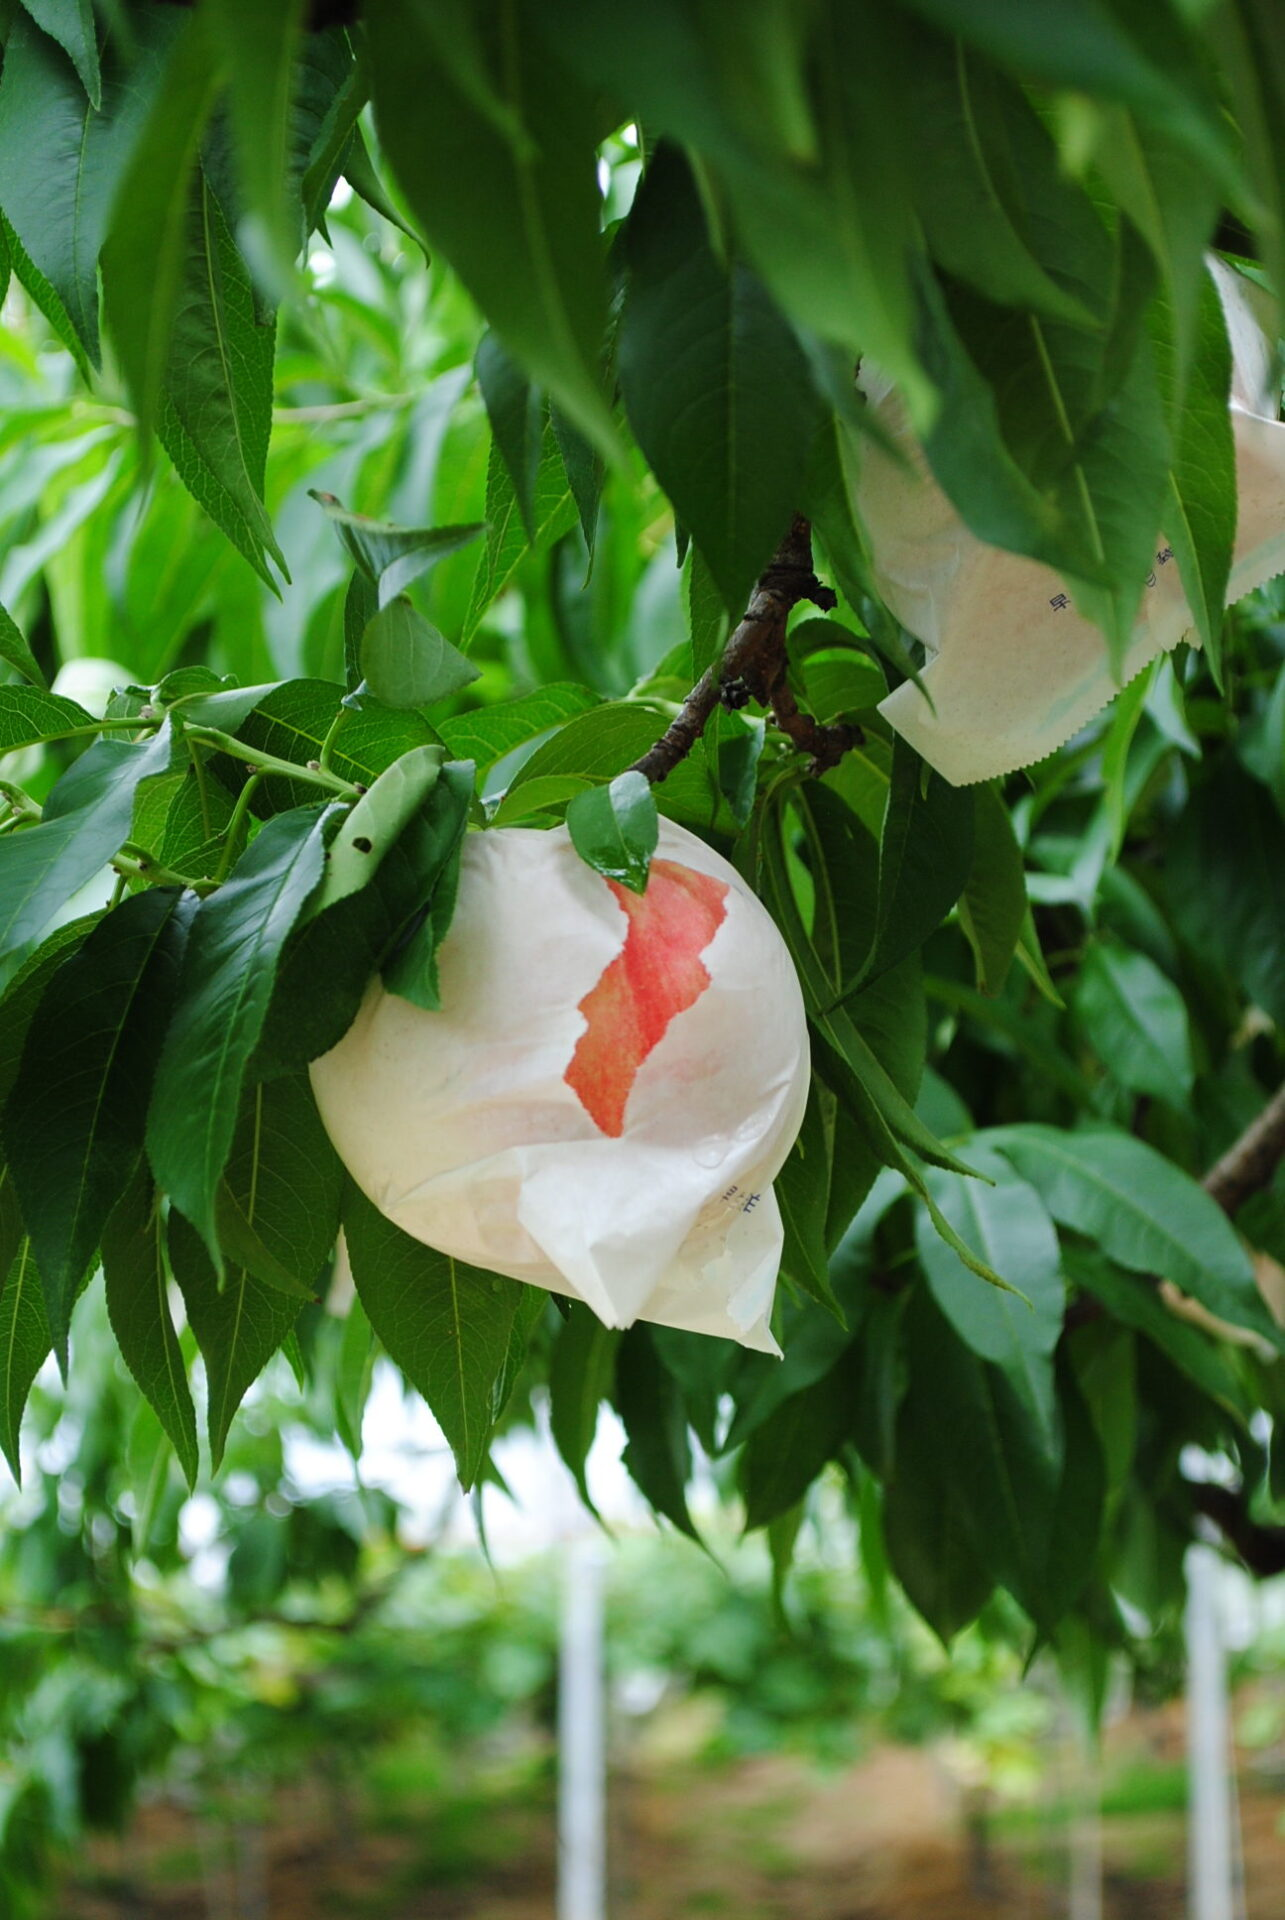 桃〜山崎果樹園〜 7月中旬から8月上旬まで